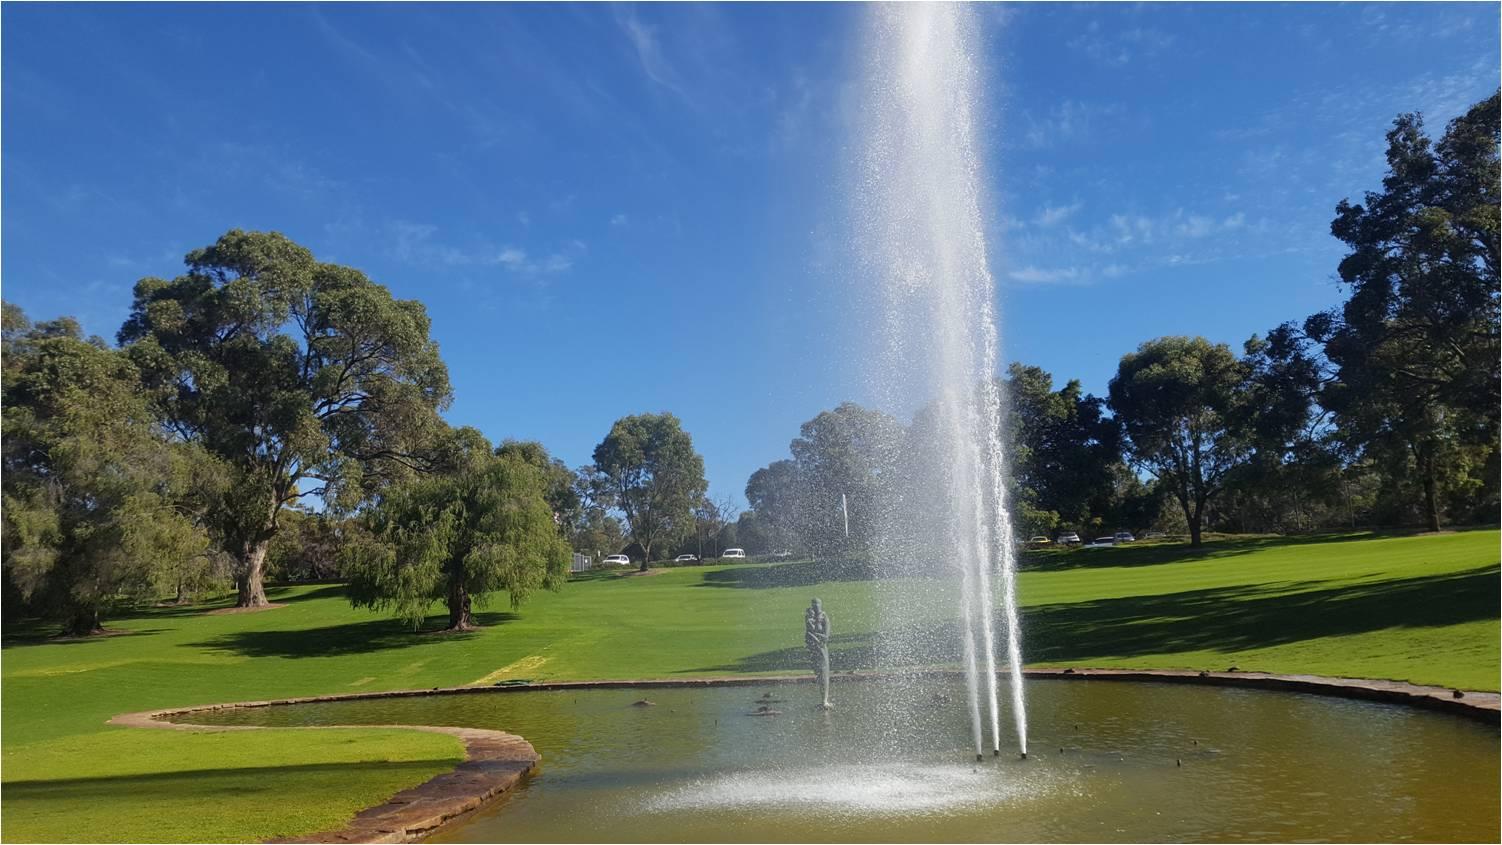 Kings Park jets d'eau